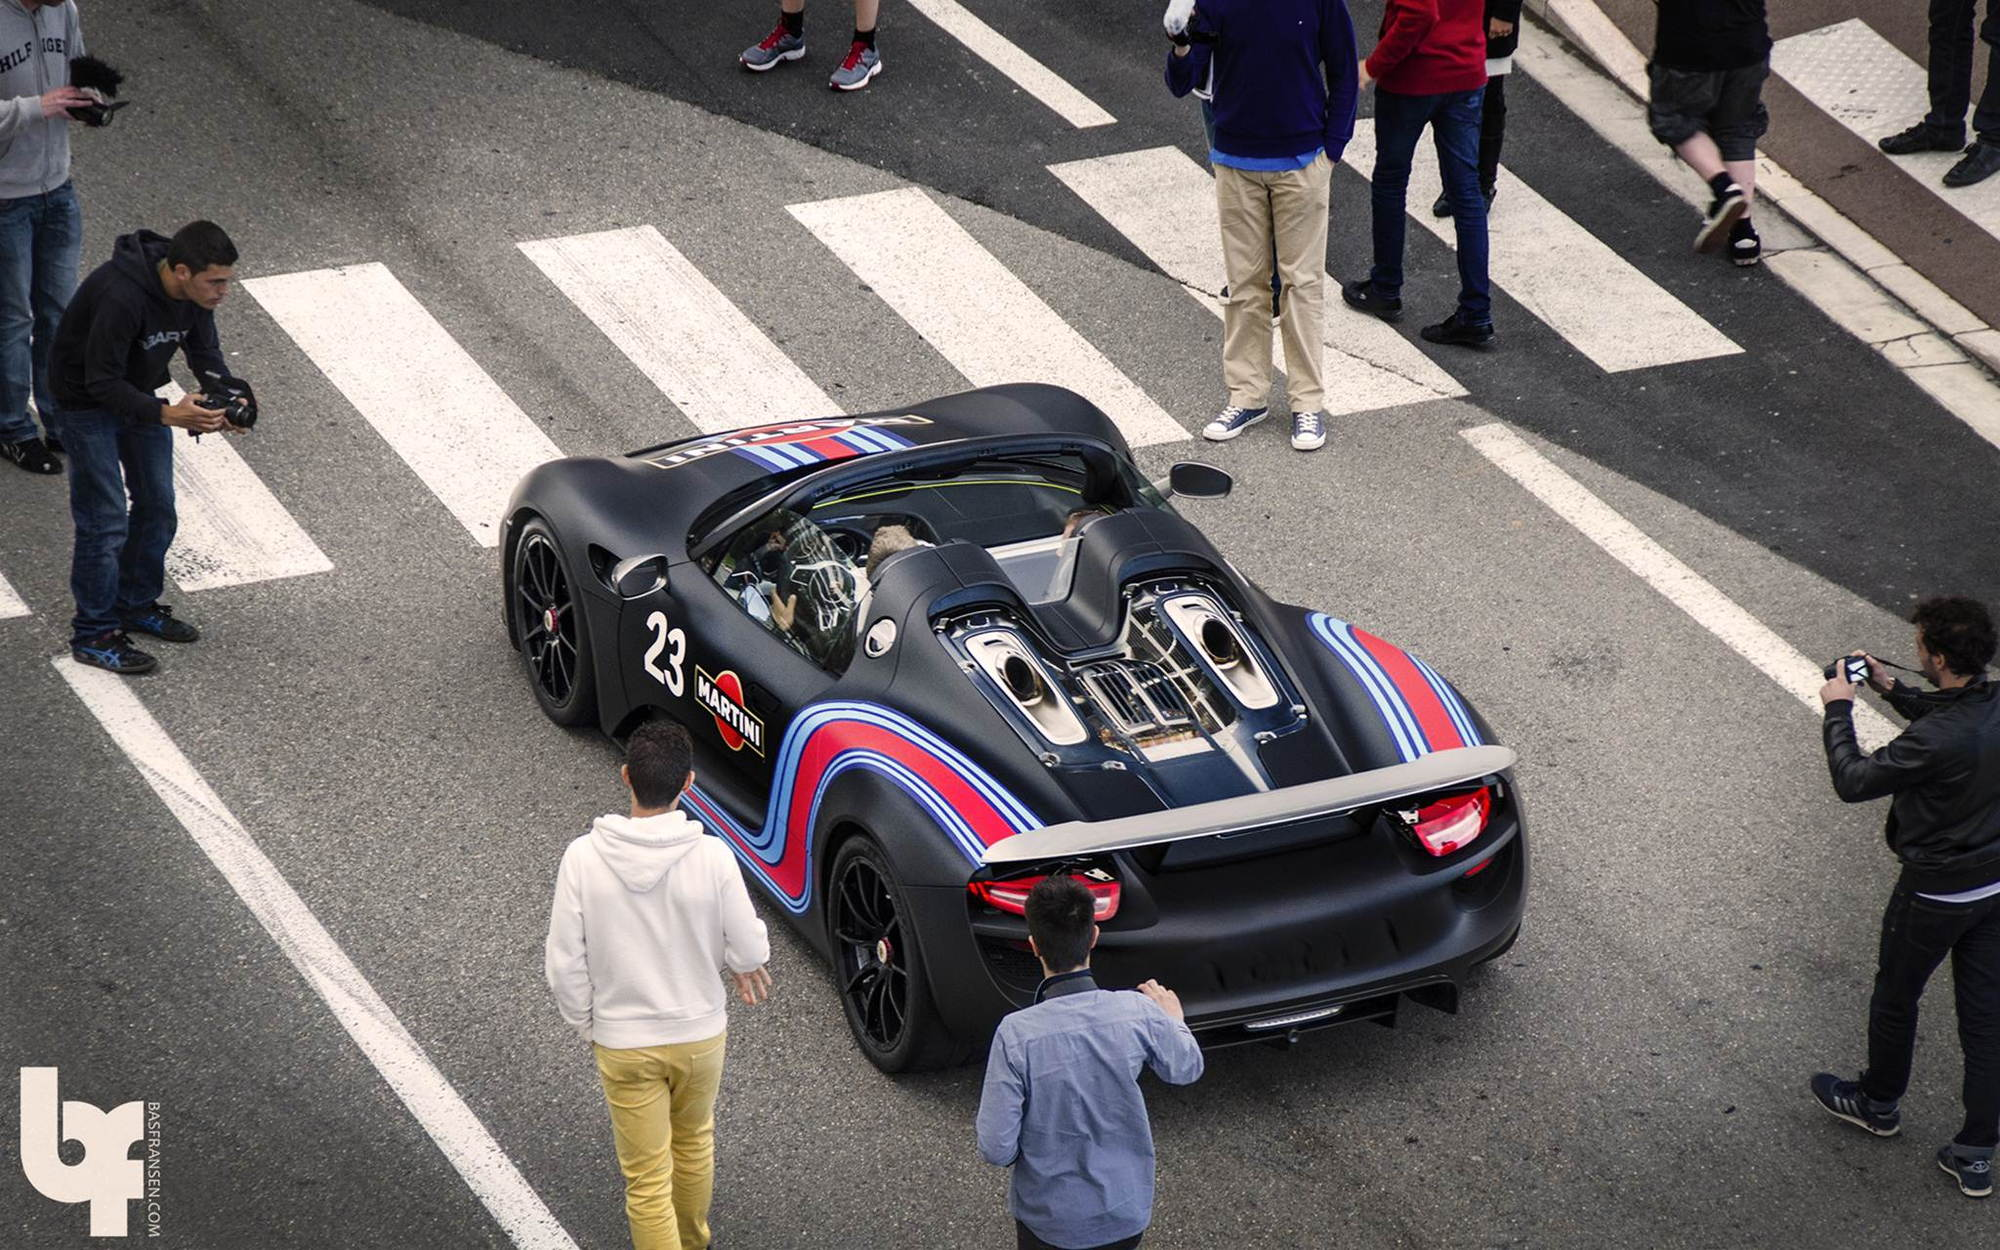 80-5_918_spyder_martini_bas_fransen_c882940d270faef2094c40ea8250c9b1f3d9ff1c Terrific Ferrari Mondial Le Bon Coin Cars Trend